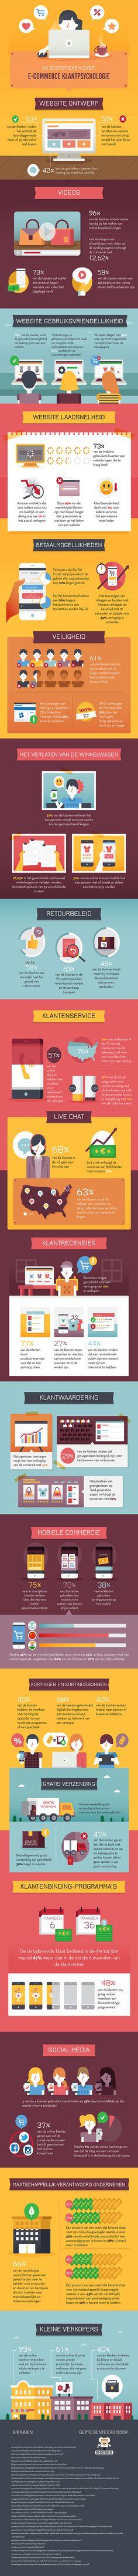 In dit gastblog vind je65 onmisbare feiten uit de consumentenpsychologie die toepasbaar zijn op e-commerce.Dat langzame…